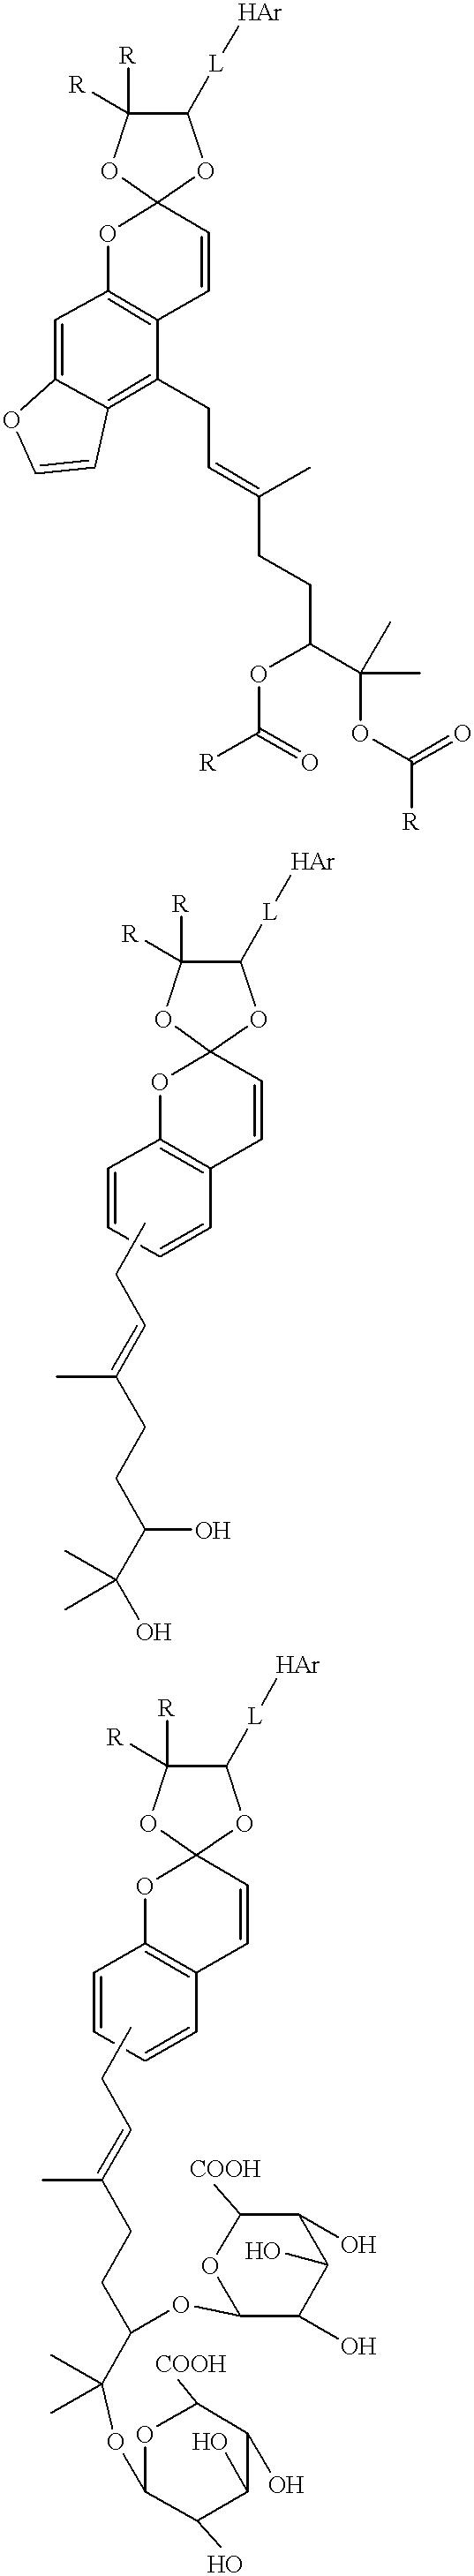 Figure US06248776-20010619-C00015